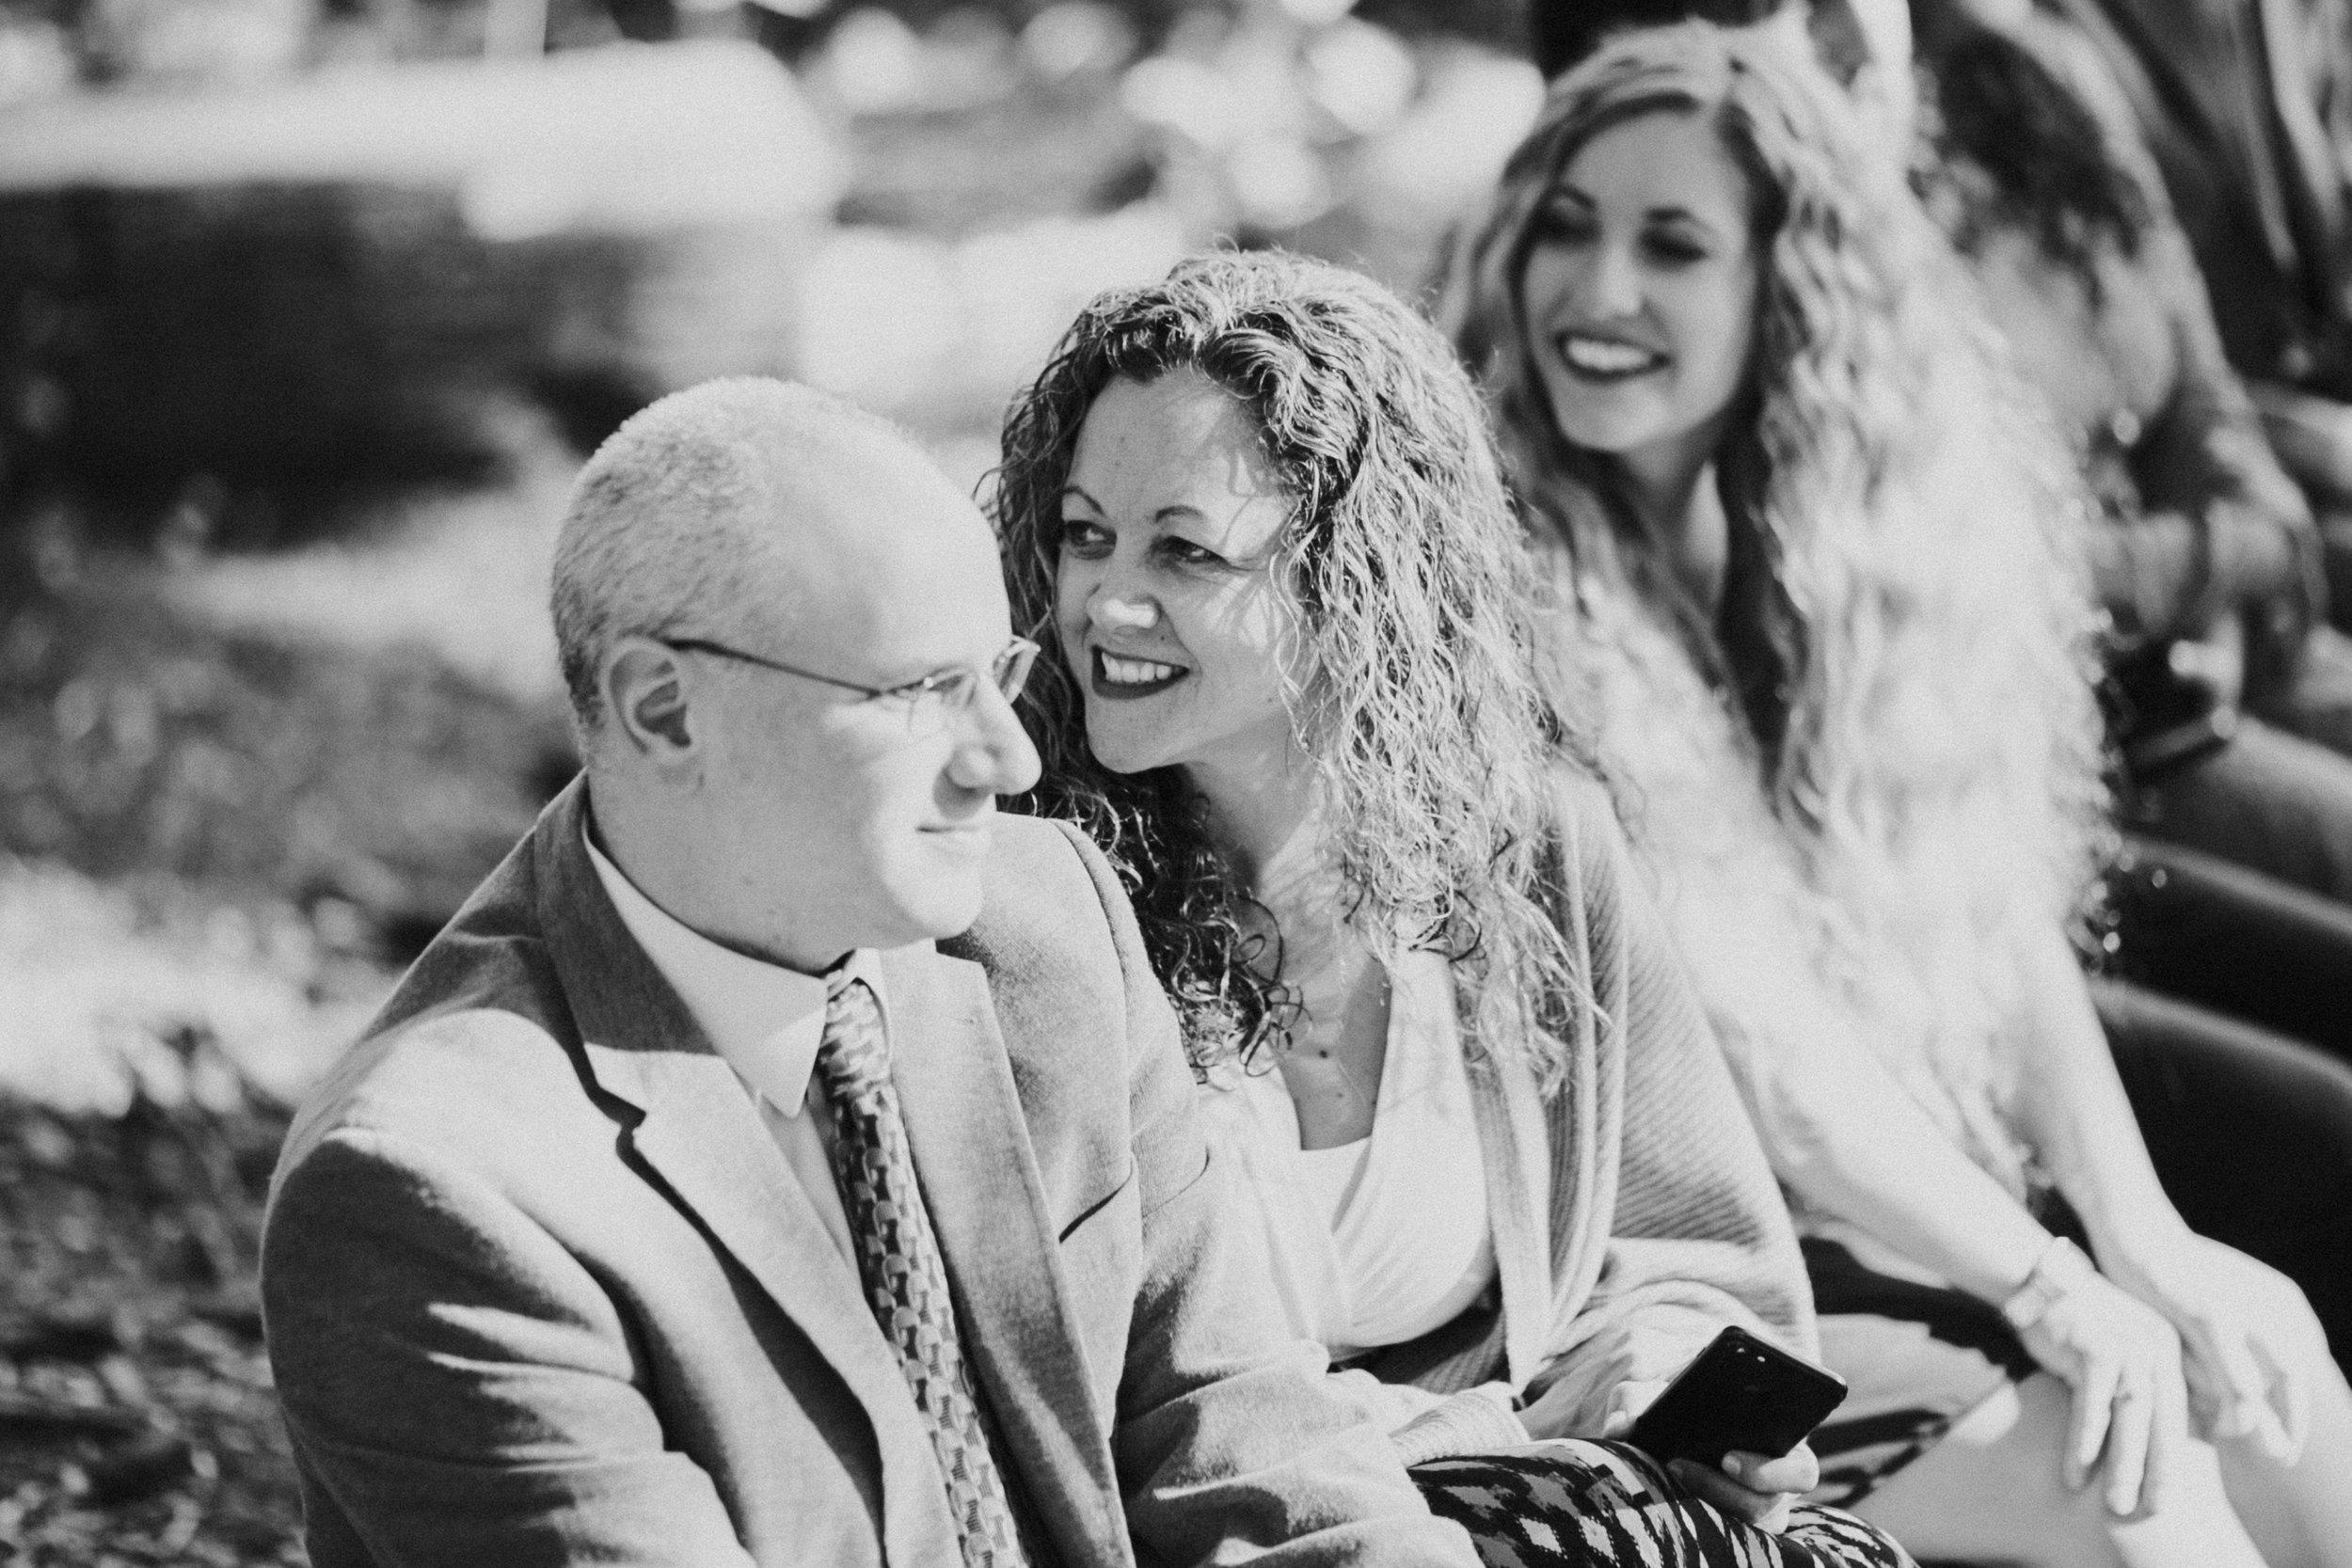 Photography Anthology - New Hampshire Camp Wedding Weekend (37 of 102).jpg